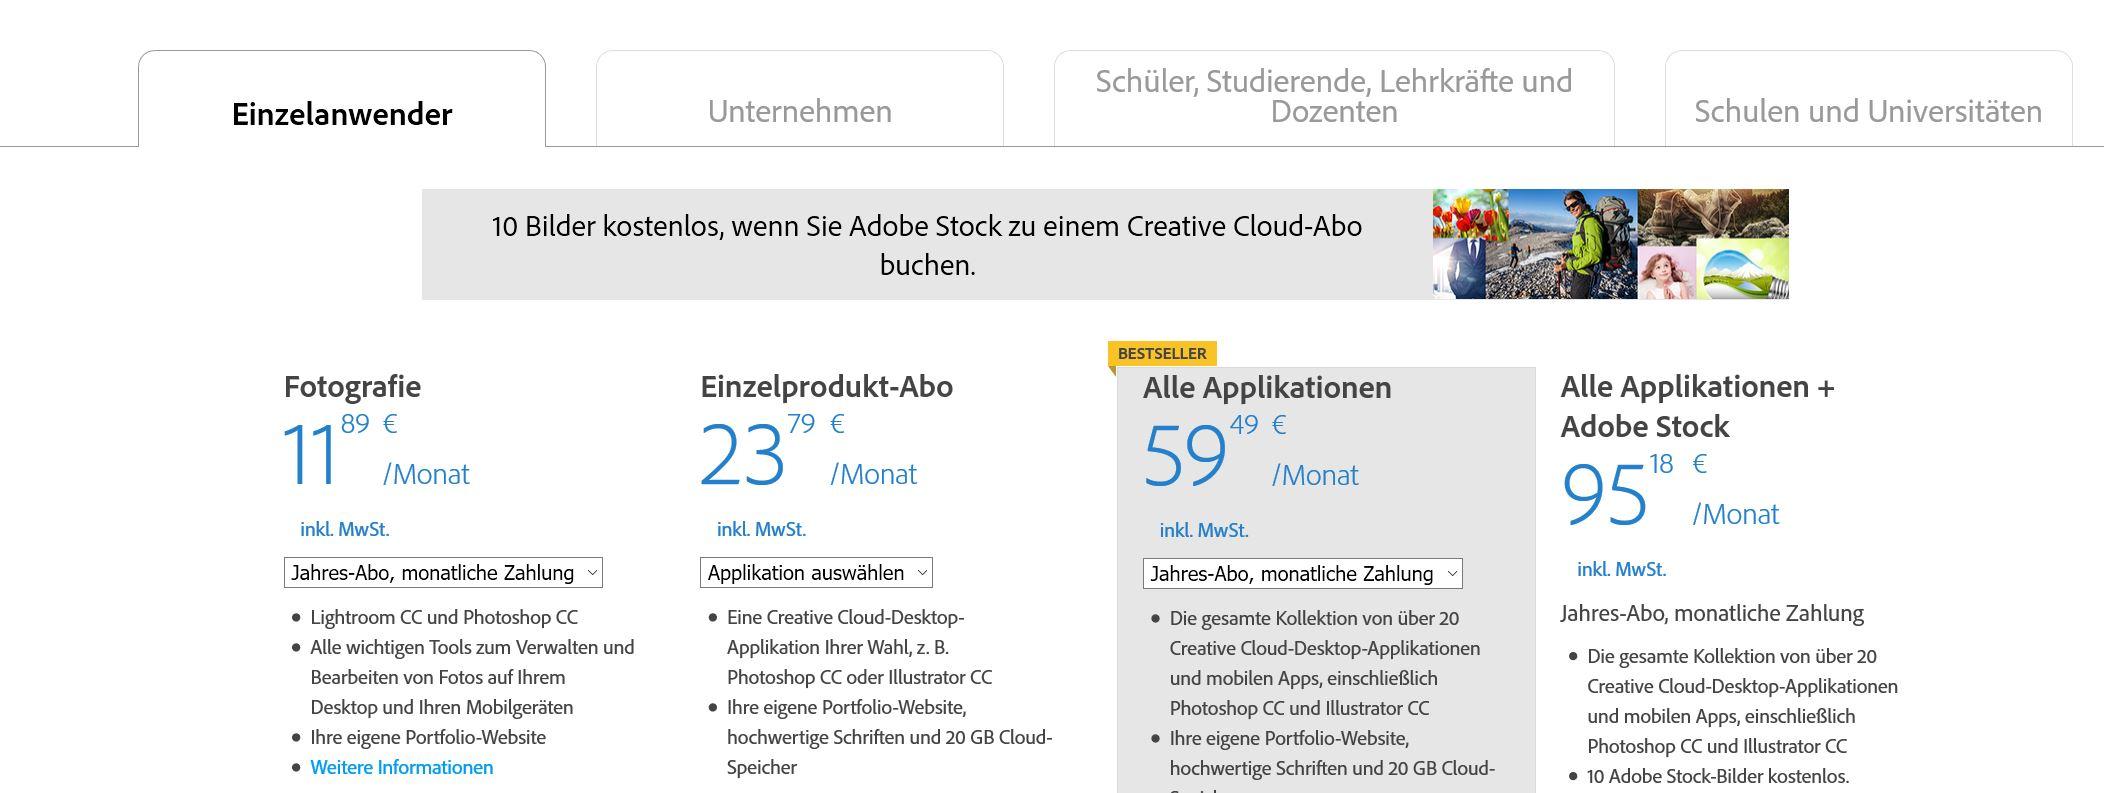 Adobe ist teuer. Aber sehr gut.